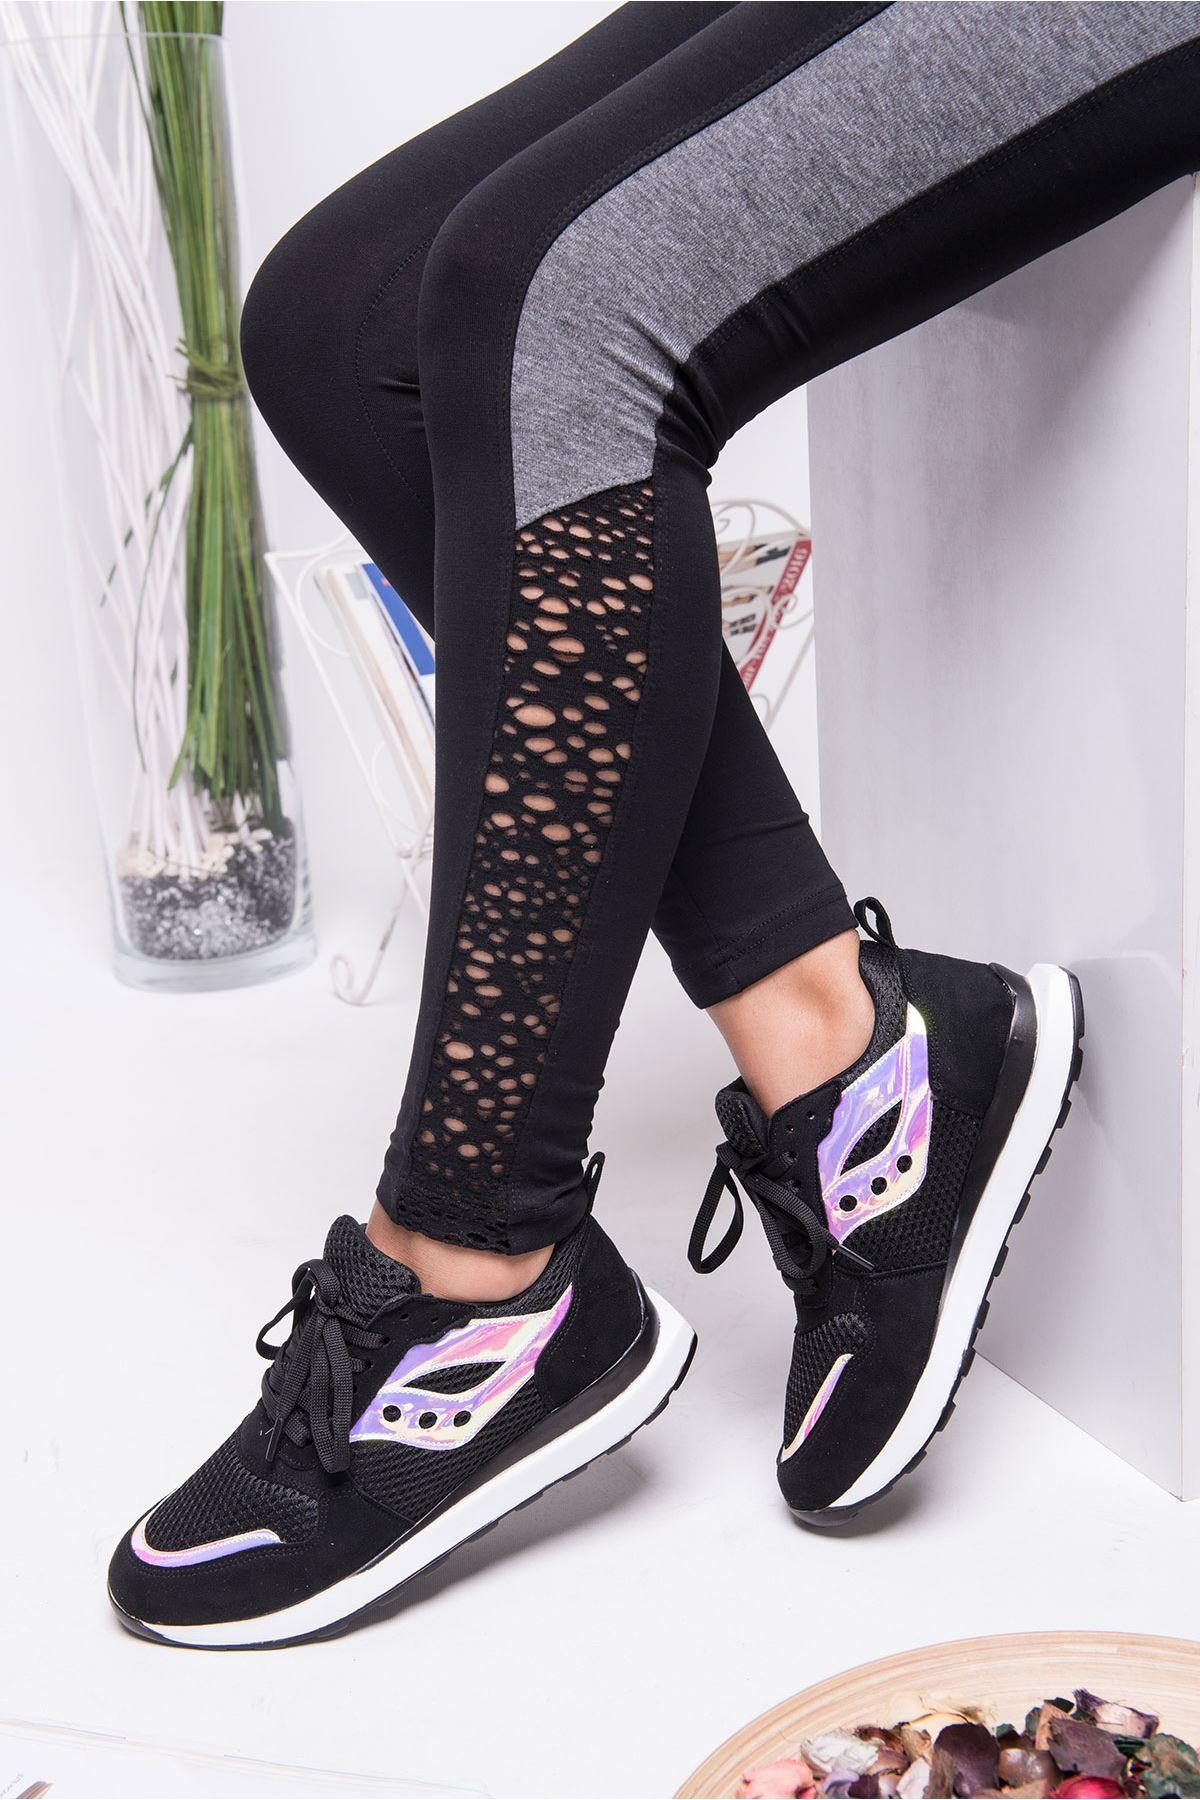 Andiyo Siyah Hologram Detaylı Ortapedik Bayan Spor Ayakkabı